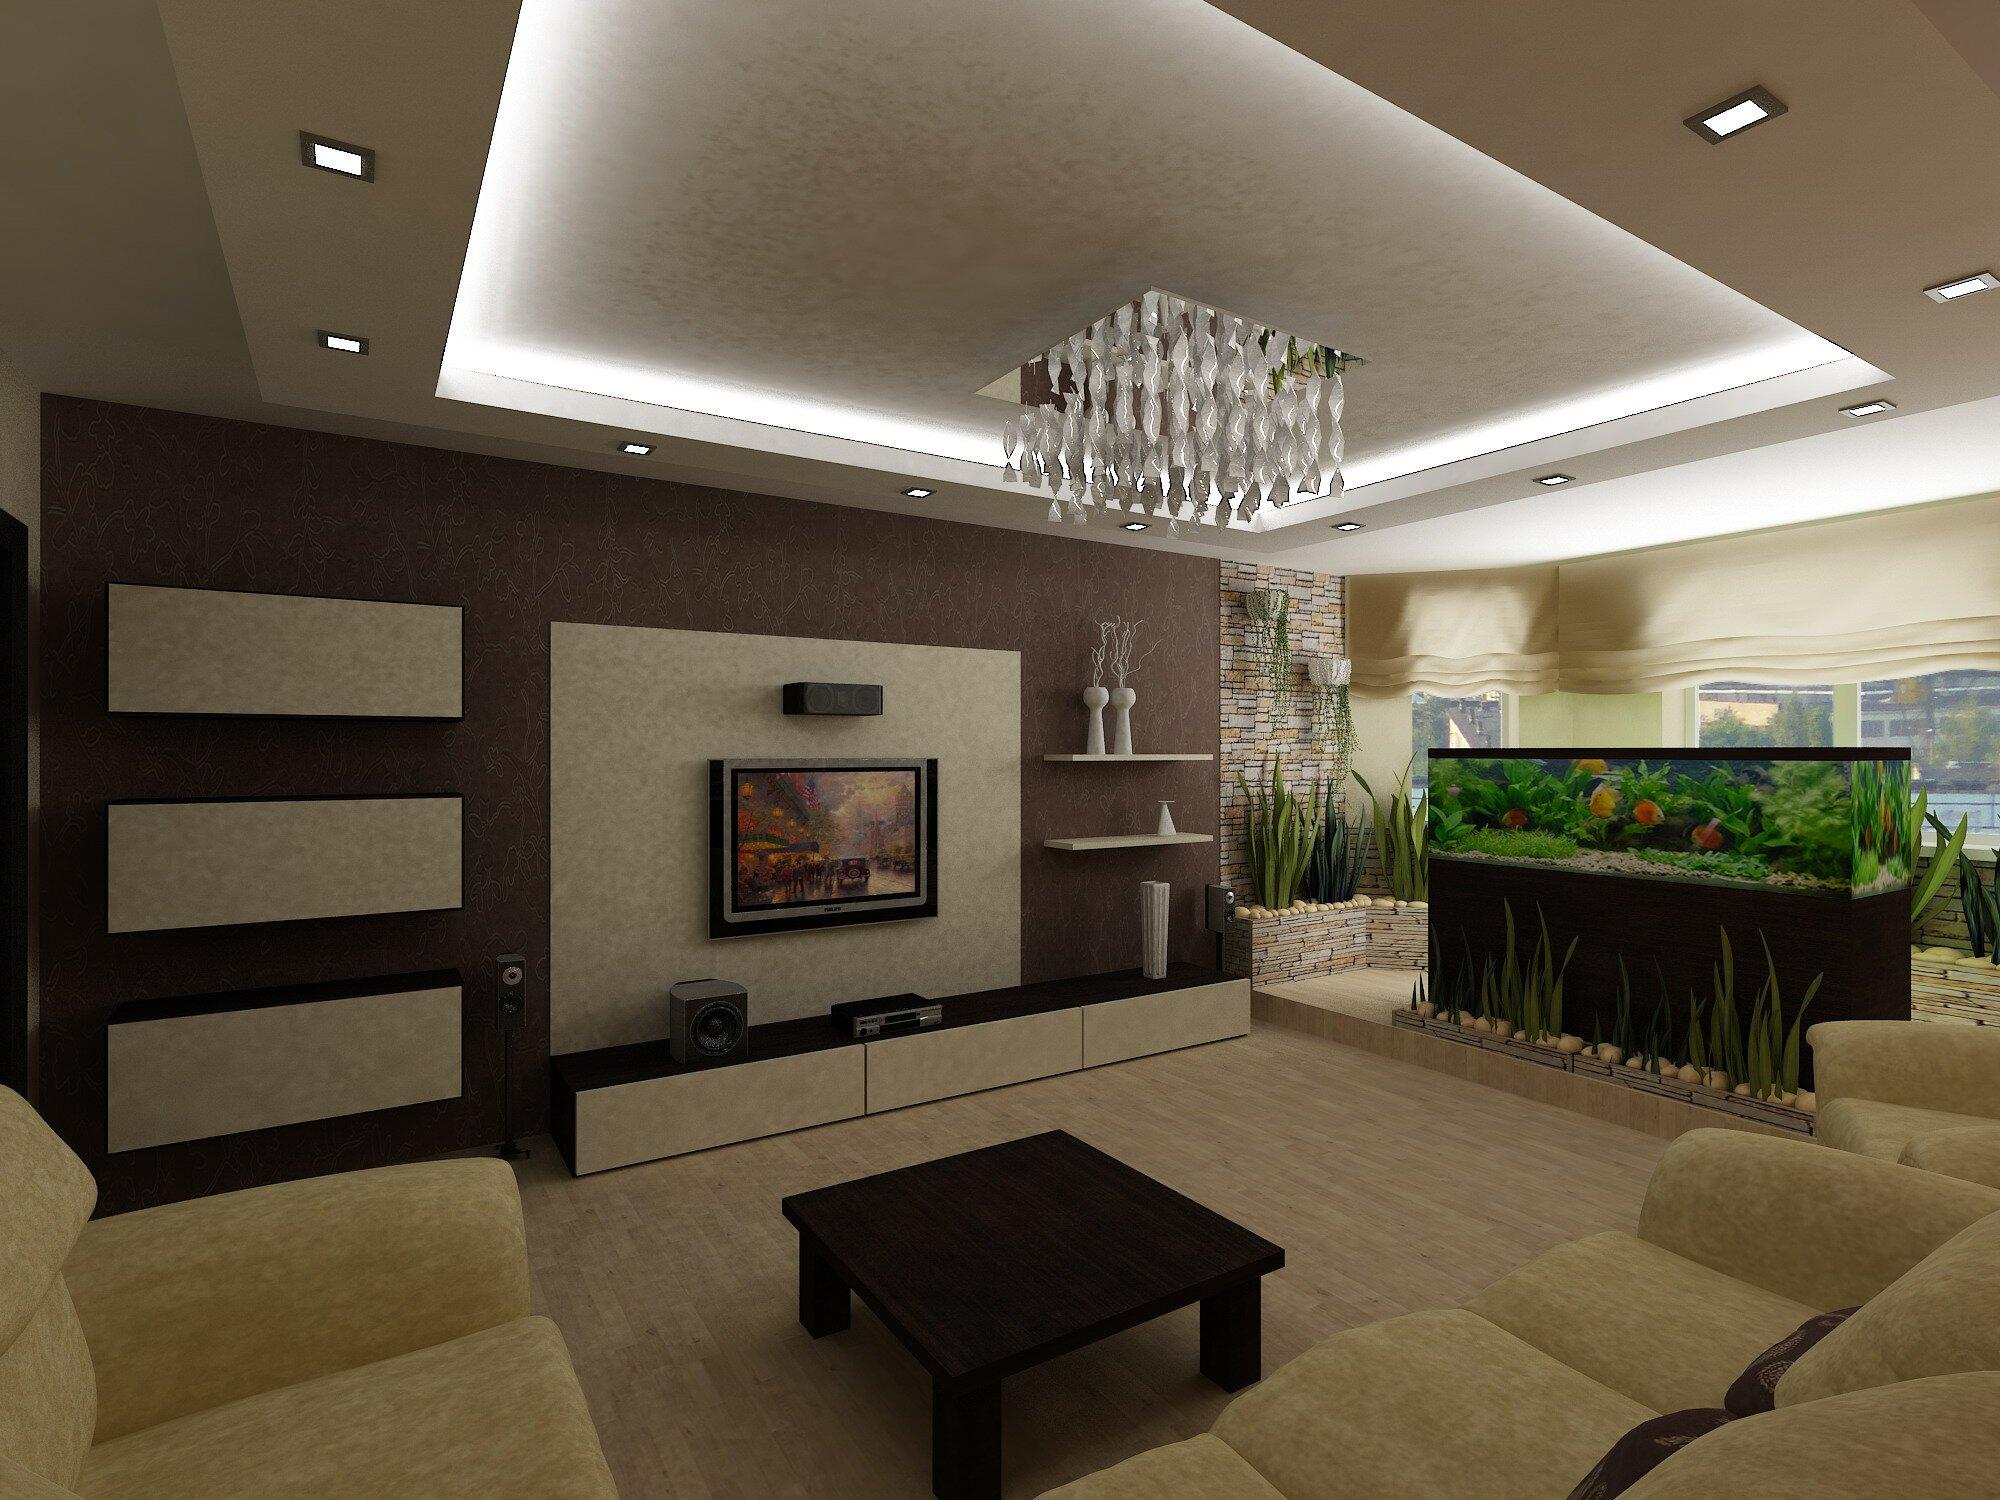 Дизайн кухни гостиной с аквариумом 30 кв м на фото